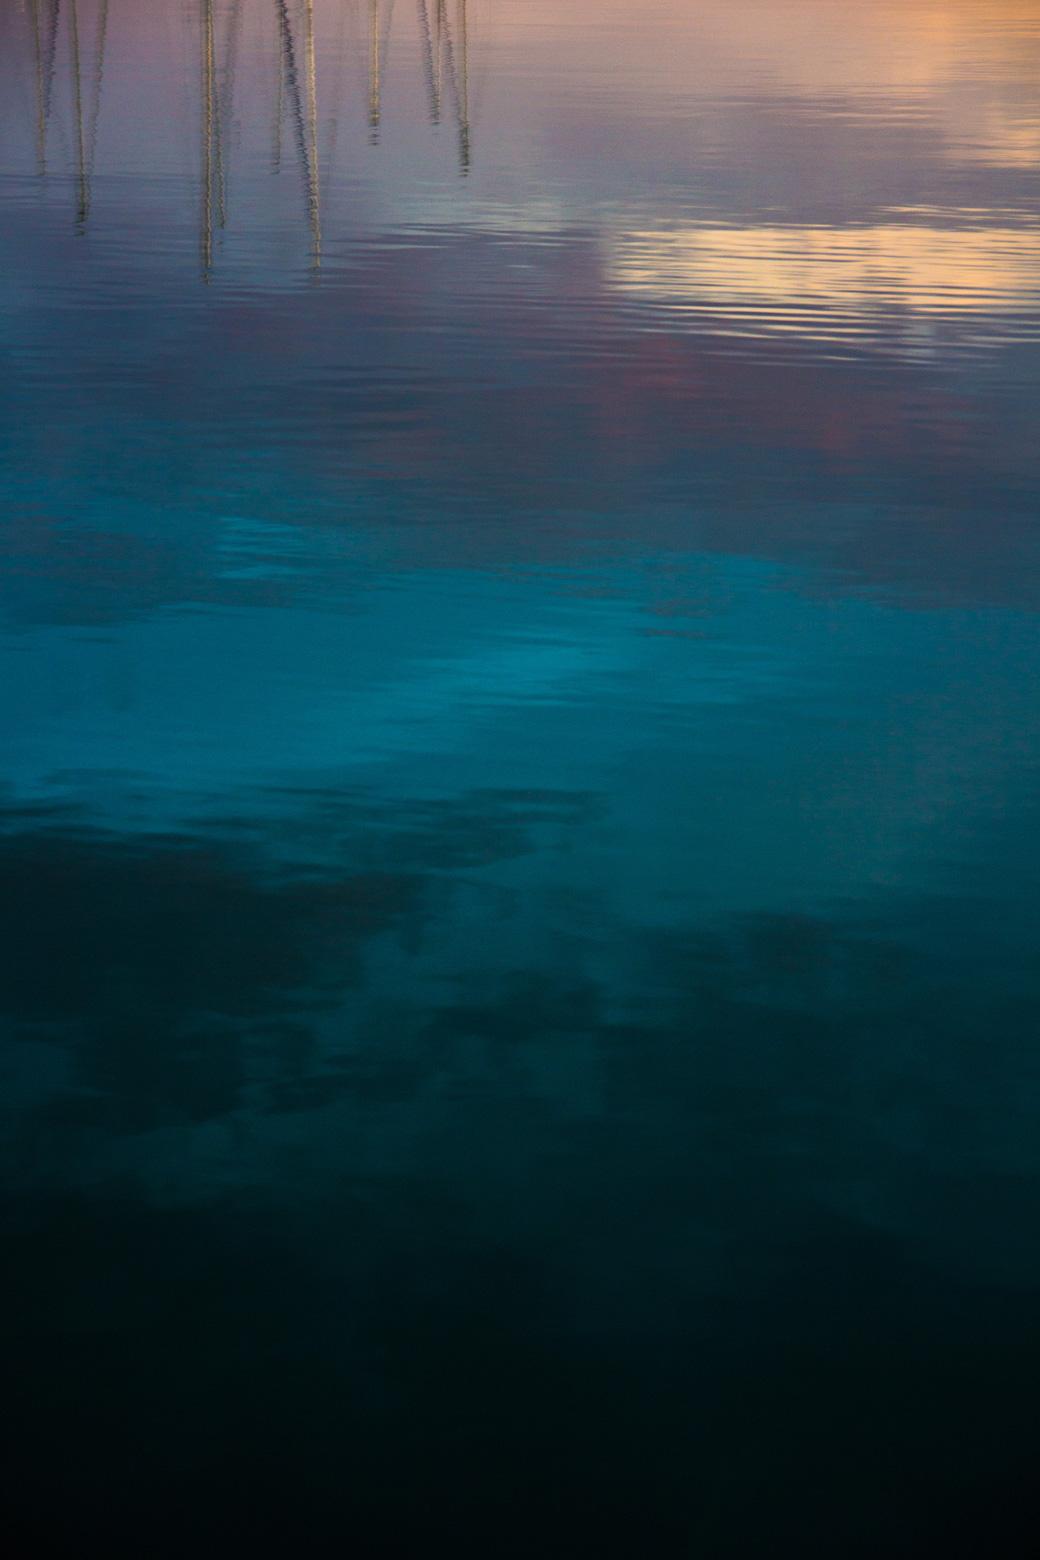 Der Hafen in Valencia in den frühen Morgenstunden bei Sonnenaufgang. Manchmal hat man das Gefühl man würde vor einem Gemälde stehen.